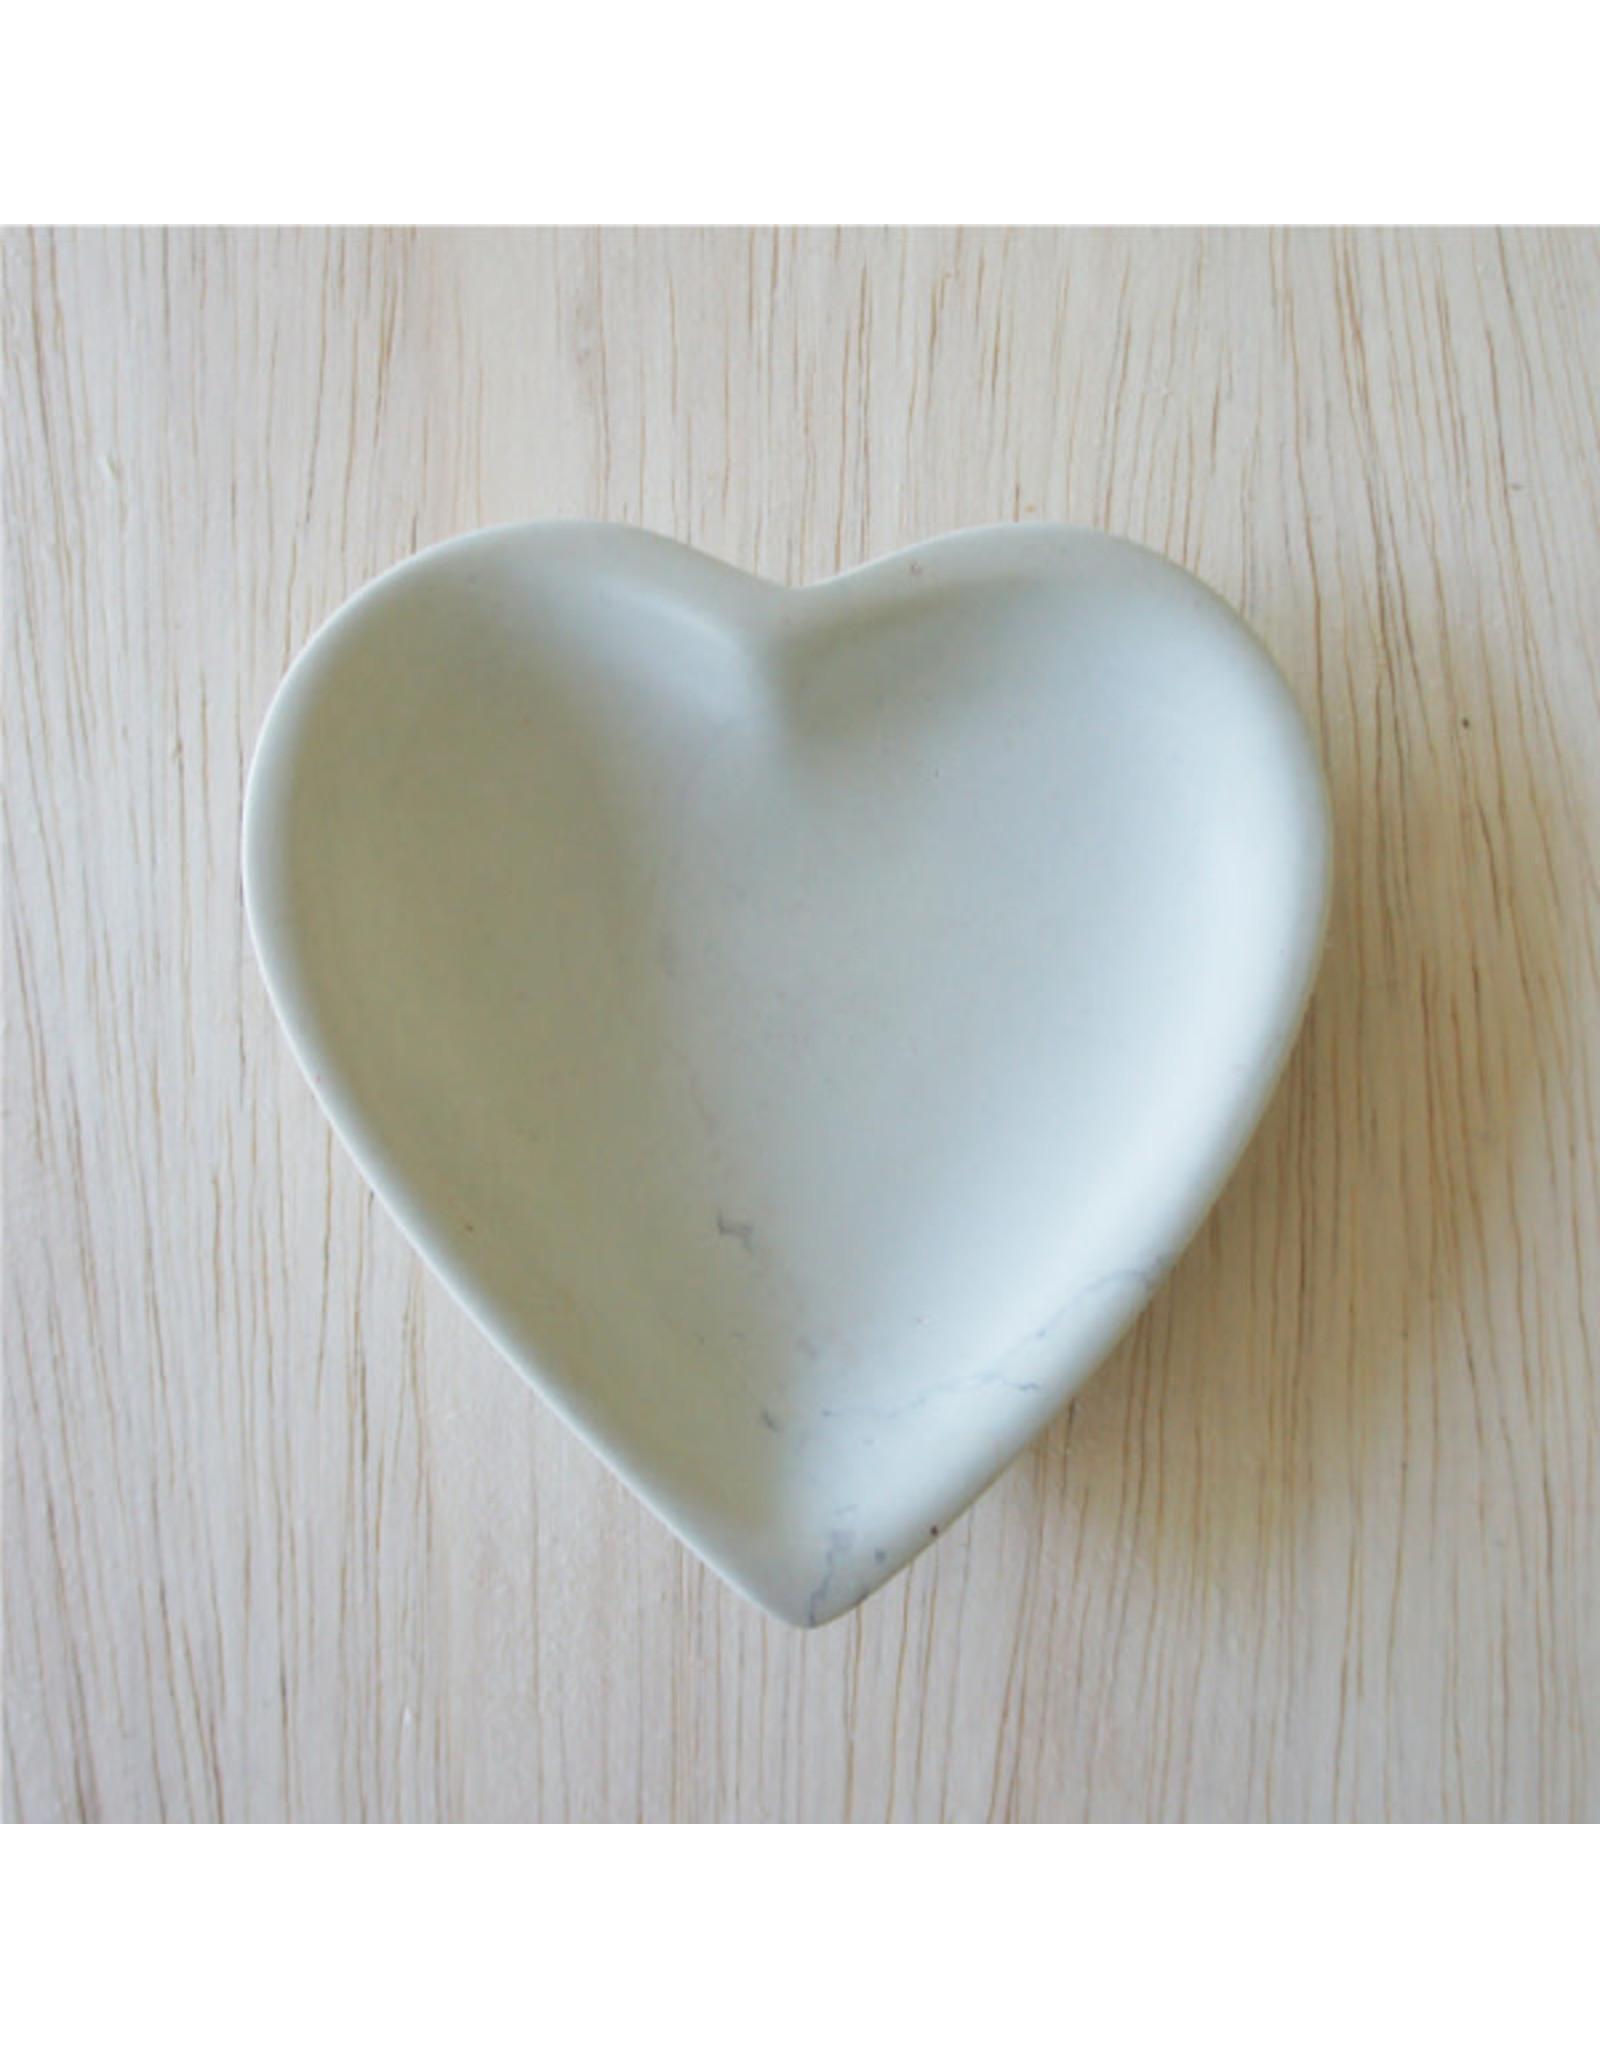 Small  Natural Soapstone Heart Dish,  Kenya